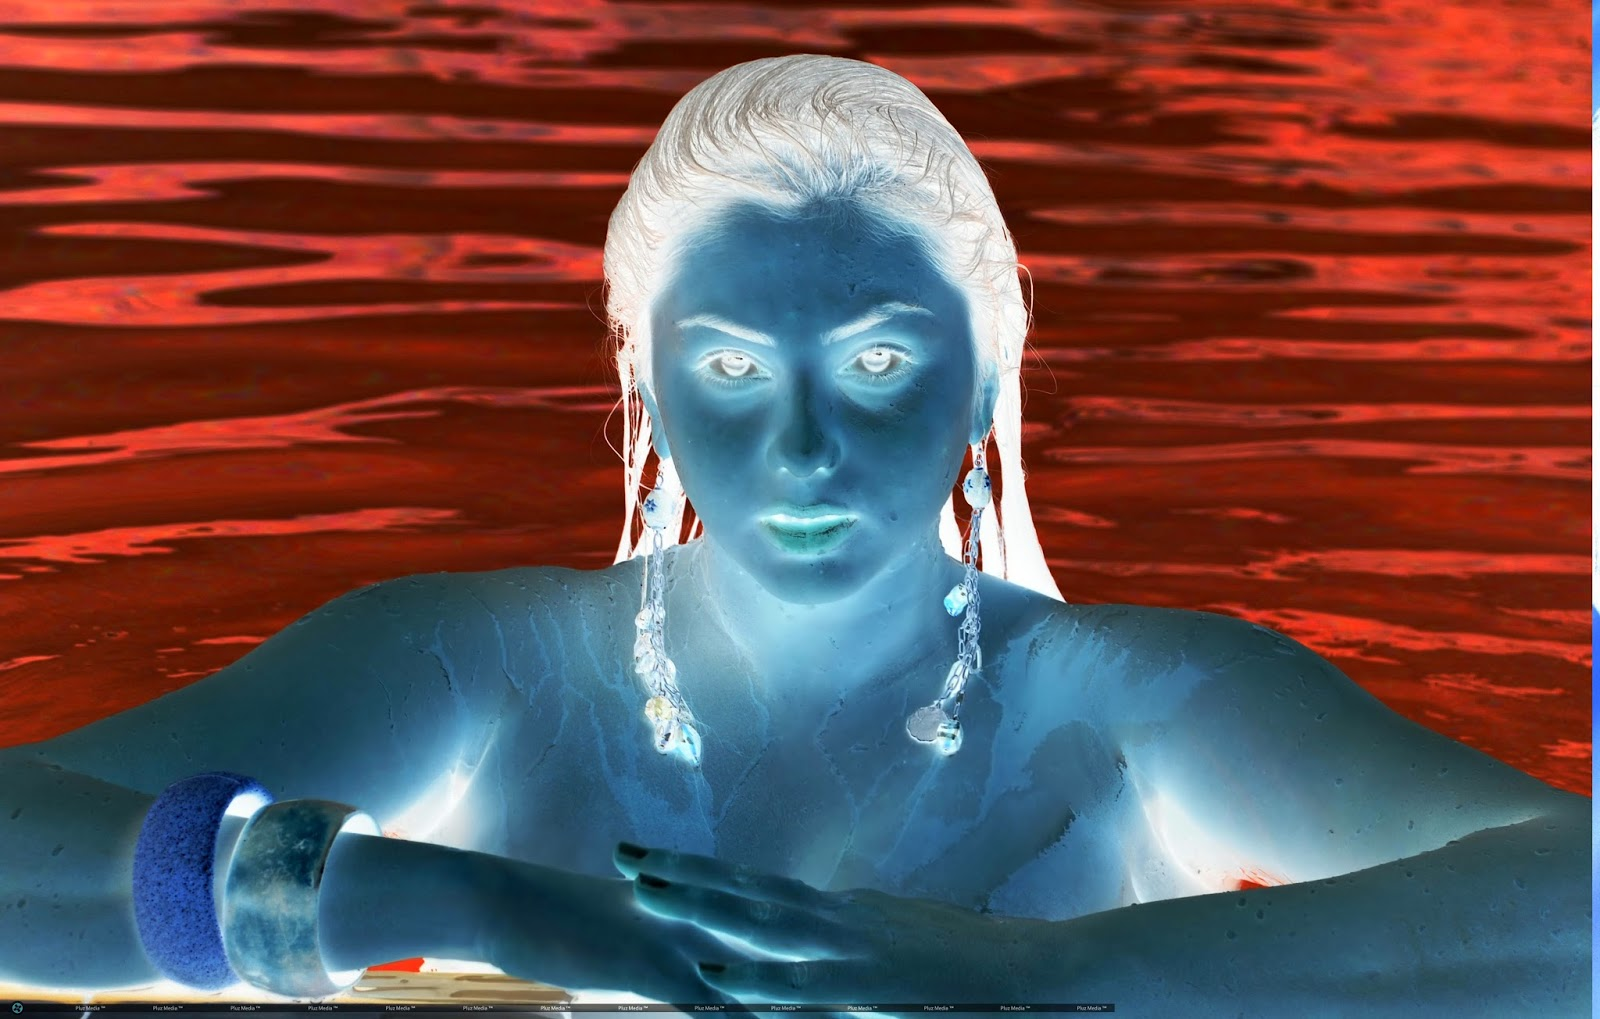 முகமூடி போட்டு ஆபாச படங்களில் மச்சான்ஸ் நடிகை, அதிர்ச்சி தகவல்